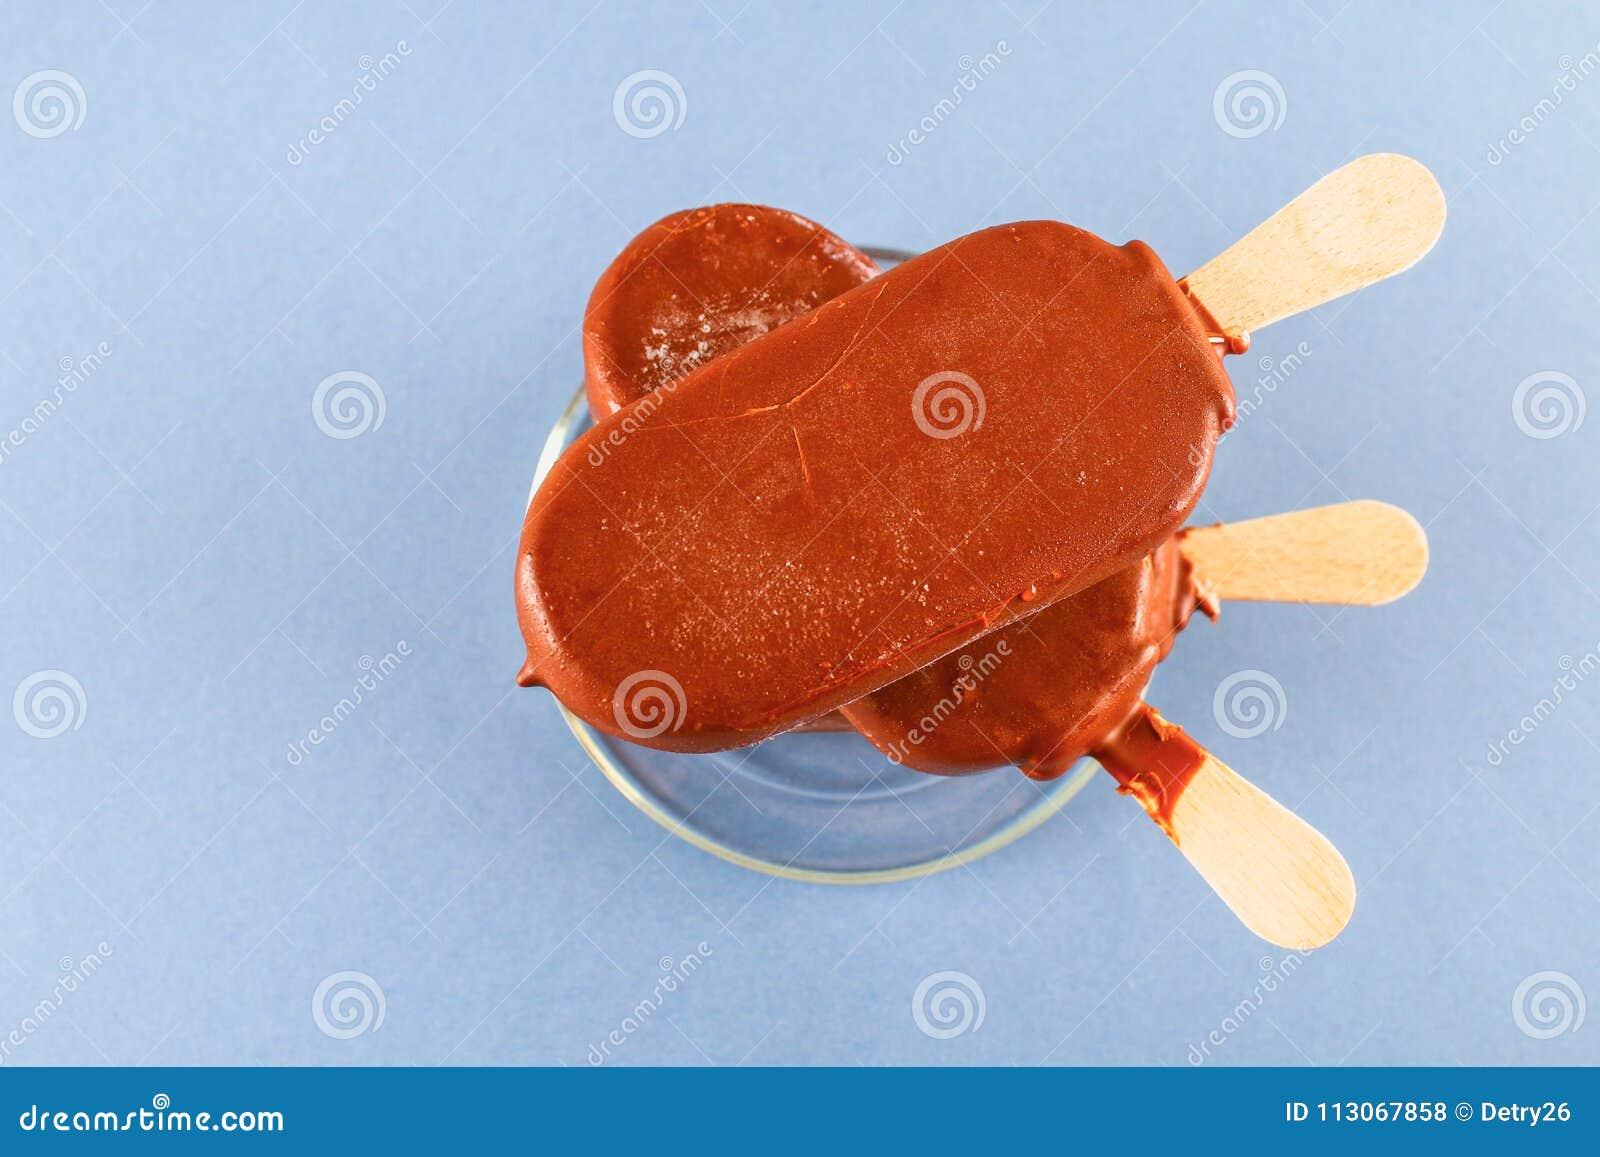 Παγωτό σε ένα πιατάκι γυαλιού σε έναν γκρίζο πίνακα eskimo